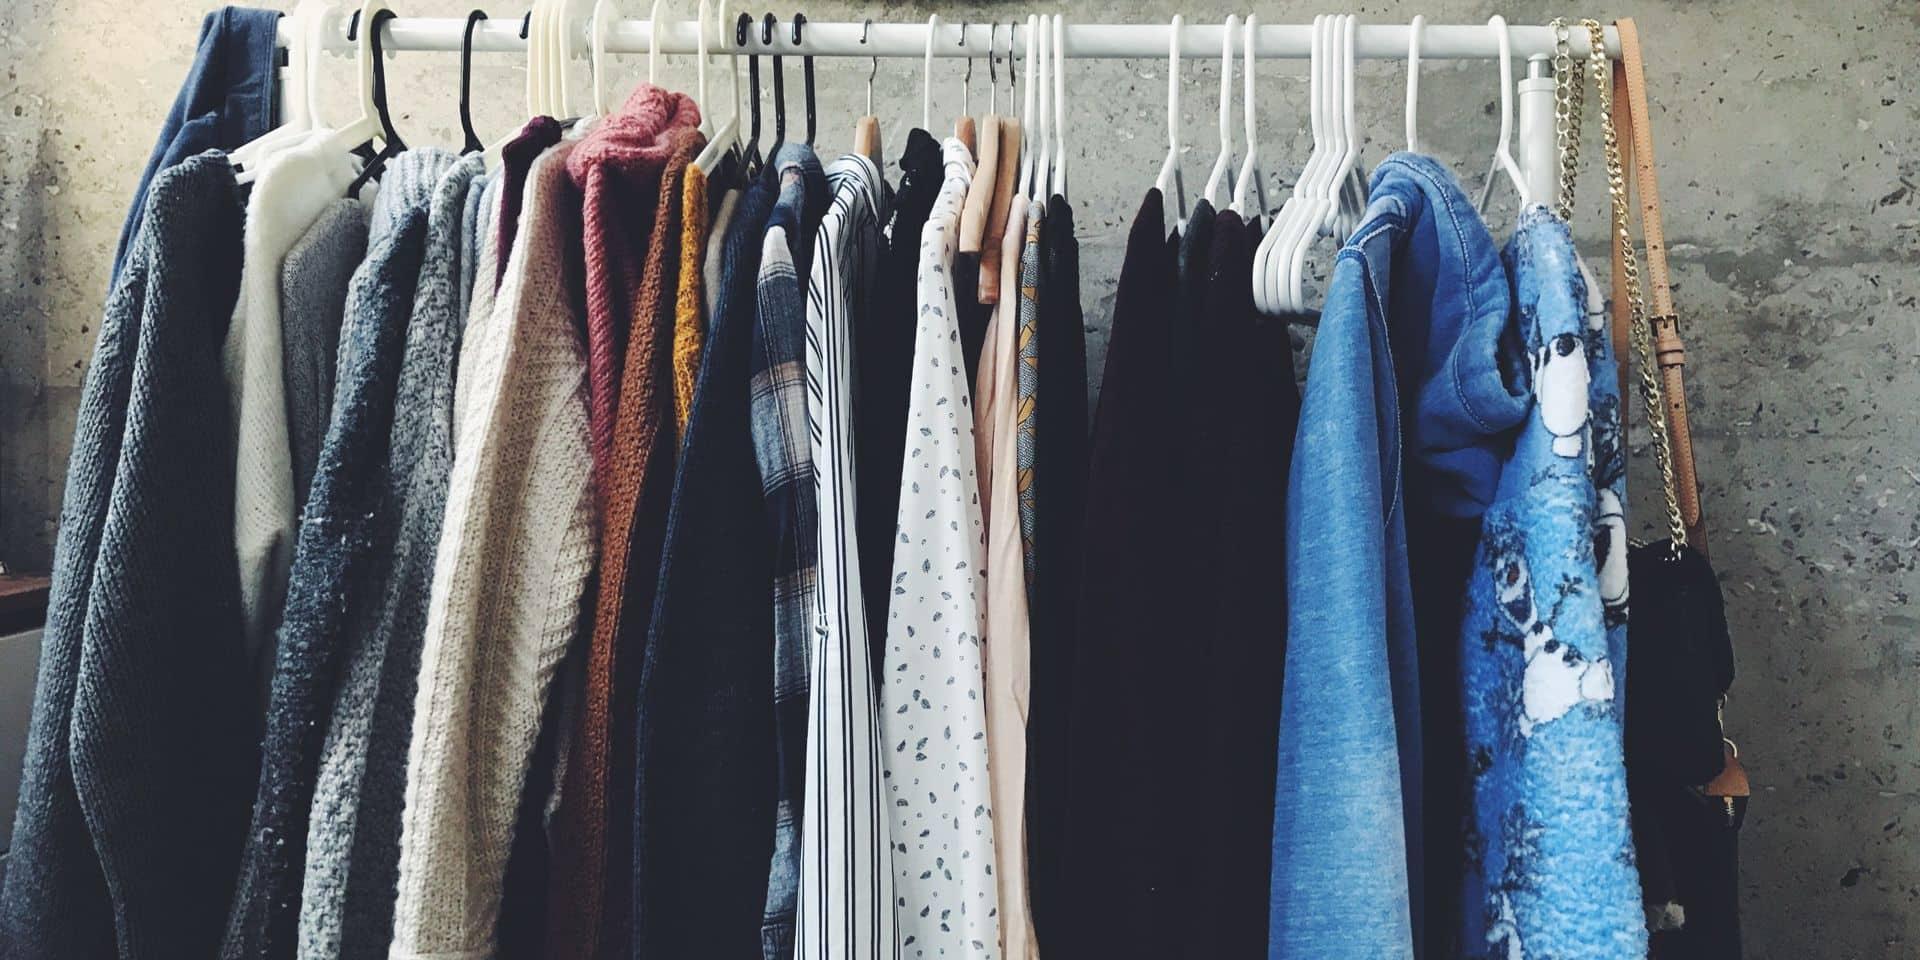 Slow fashion : Ségolène n'achète plus de vêtements neufs depuis 2 ans et demi ! Ses conseils